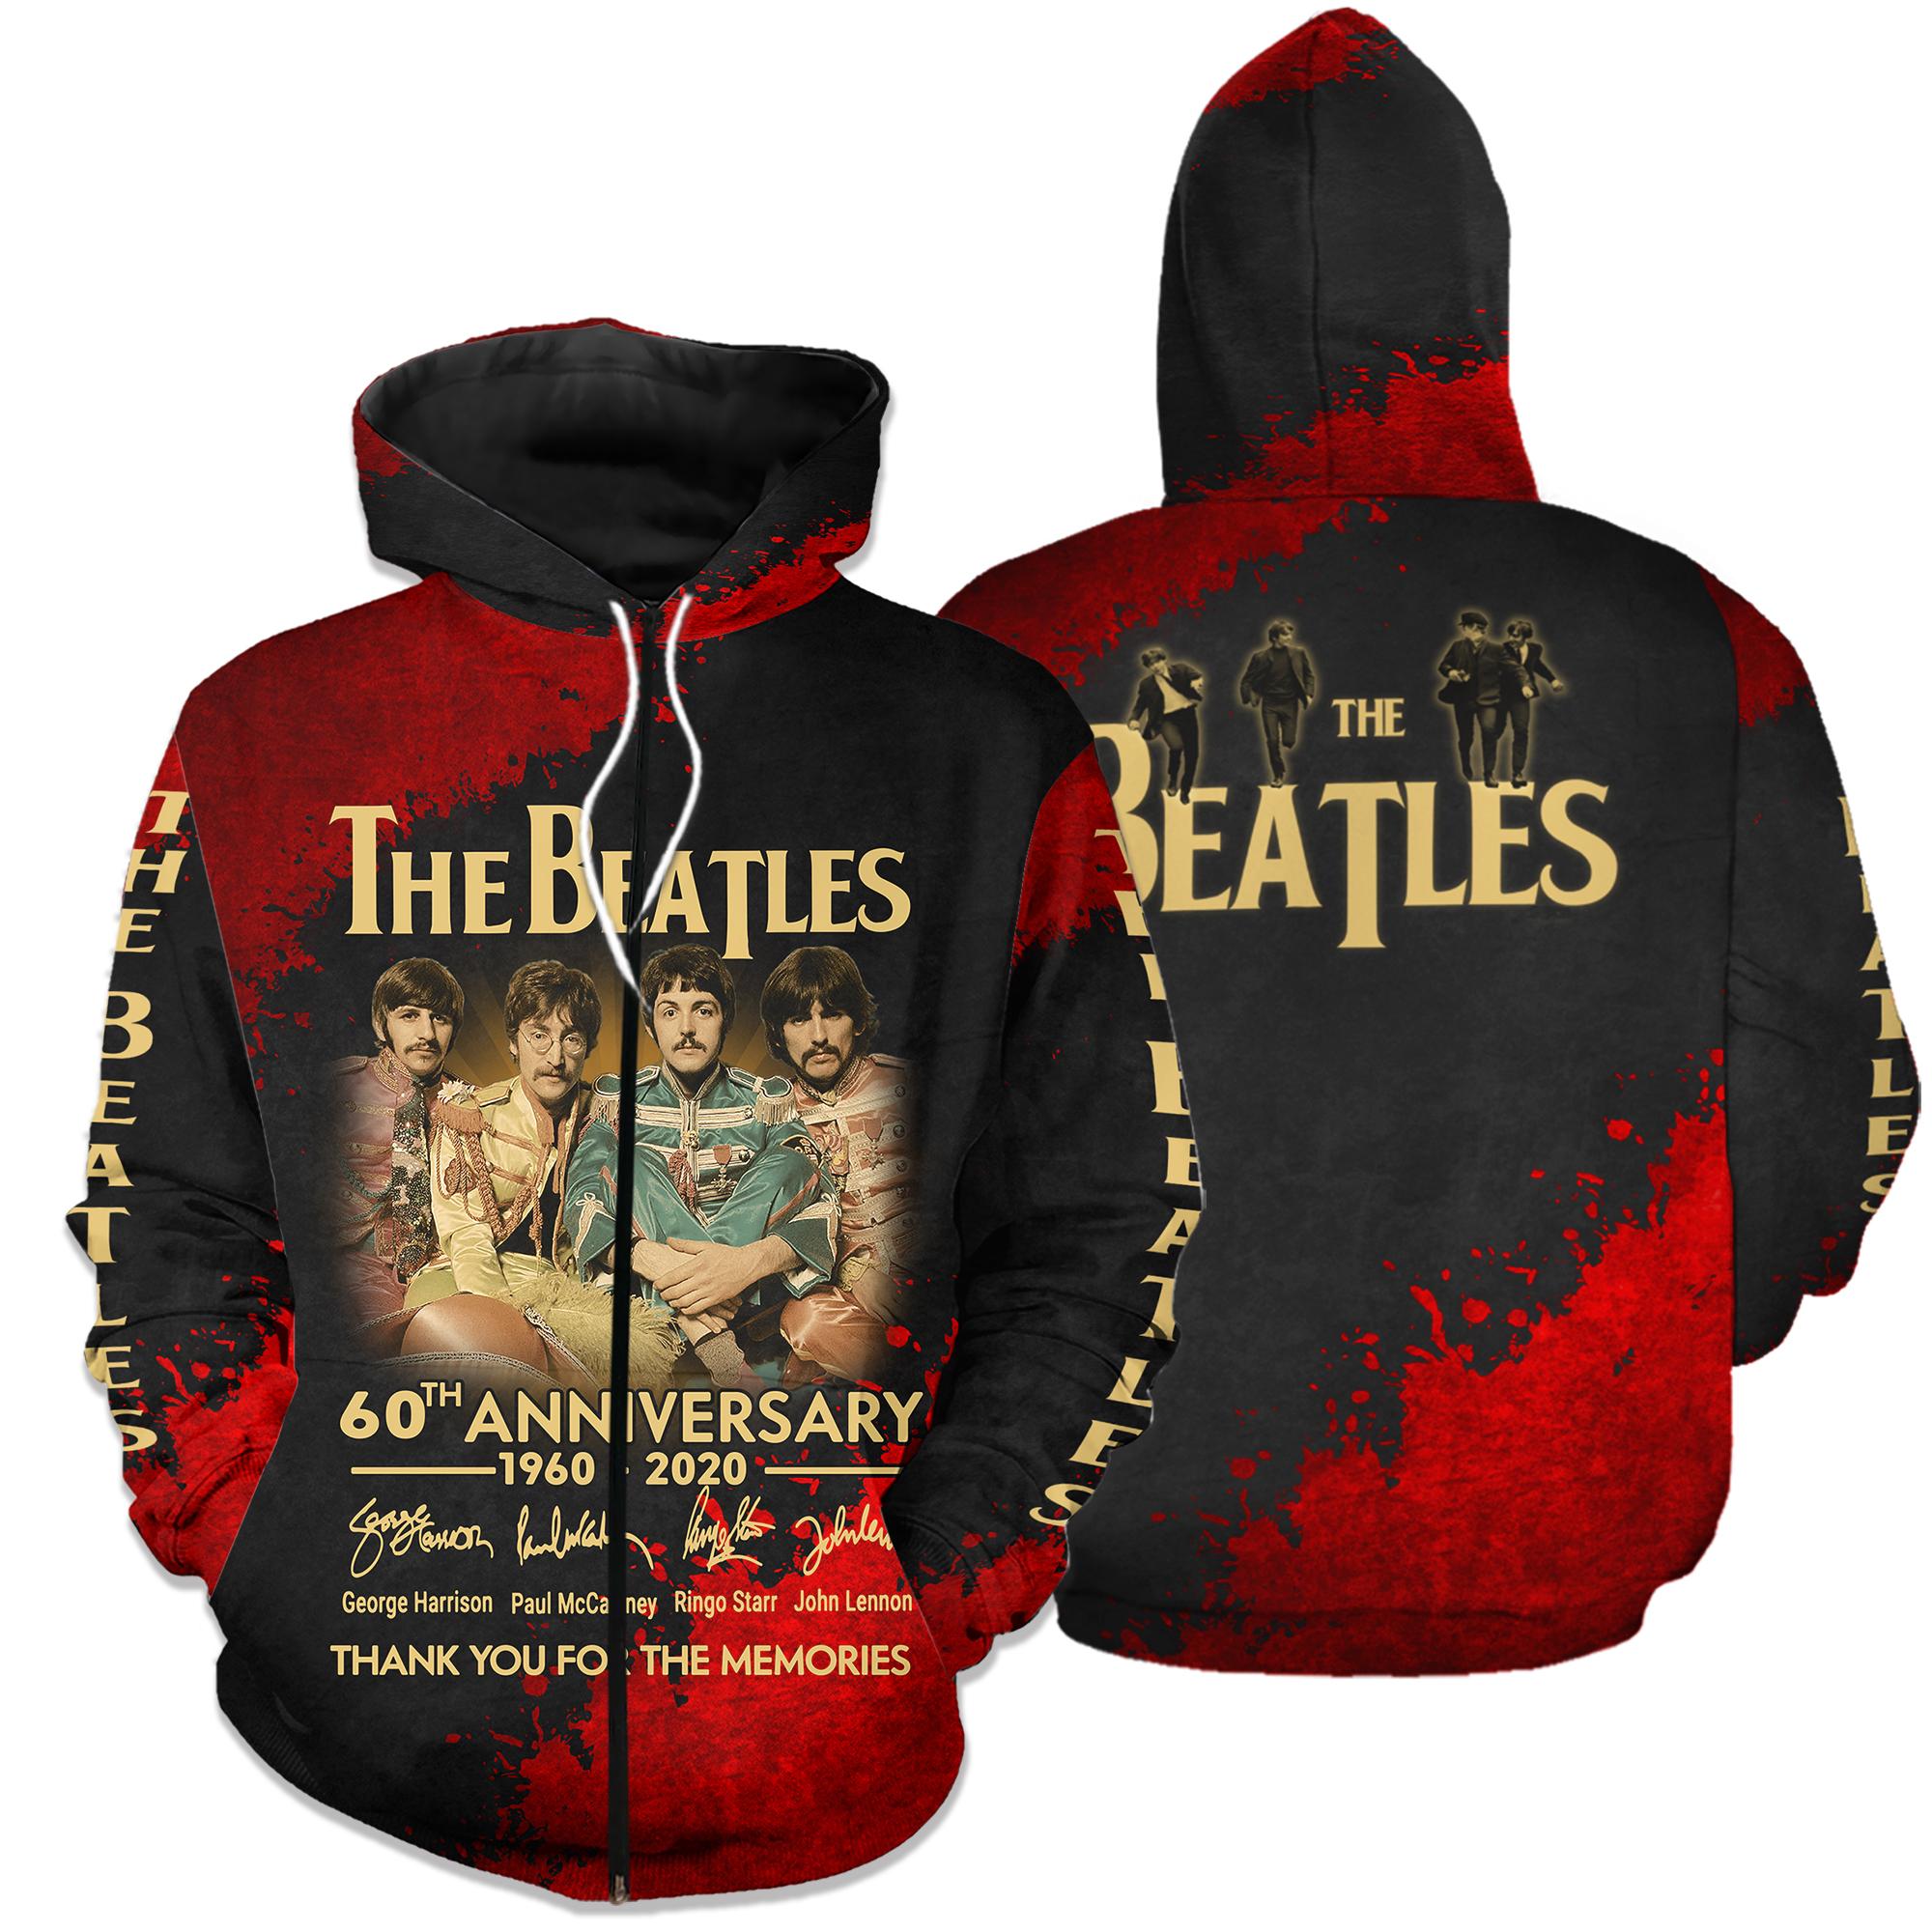 The beatles 60th anniversary 1960-2020 full printing zip hoodie